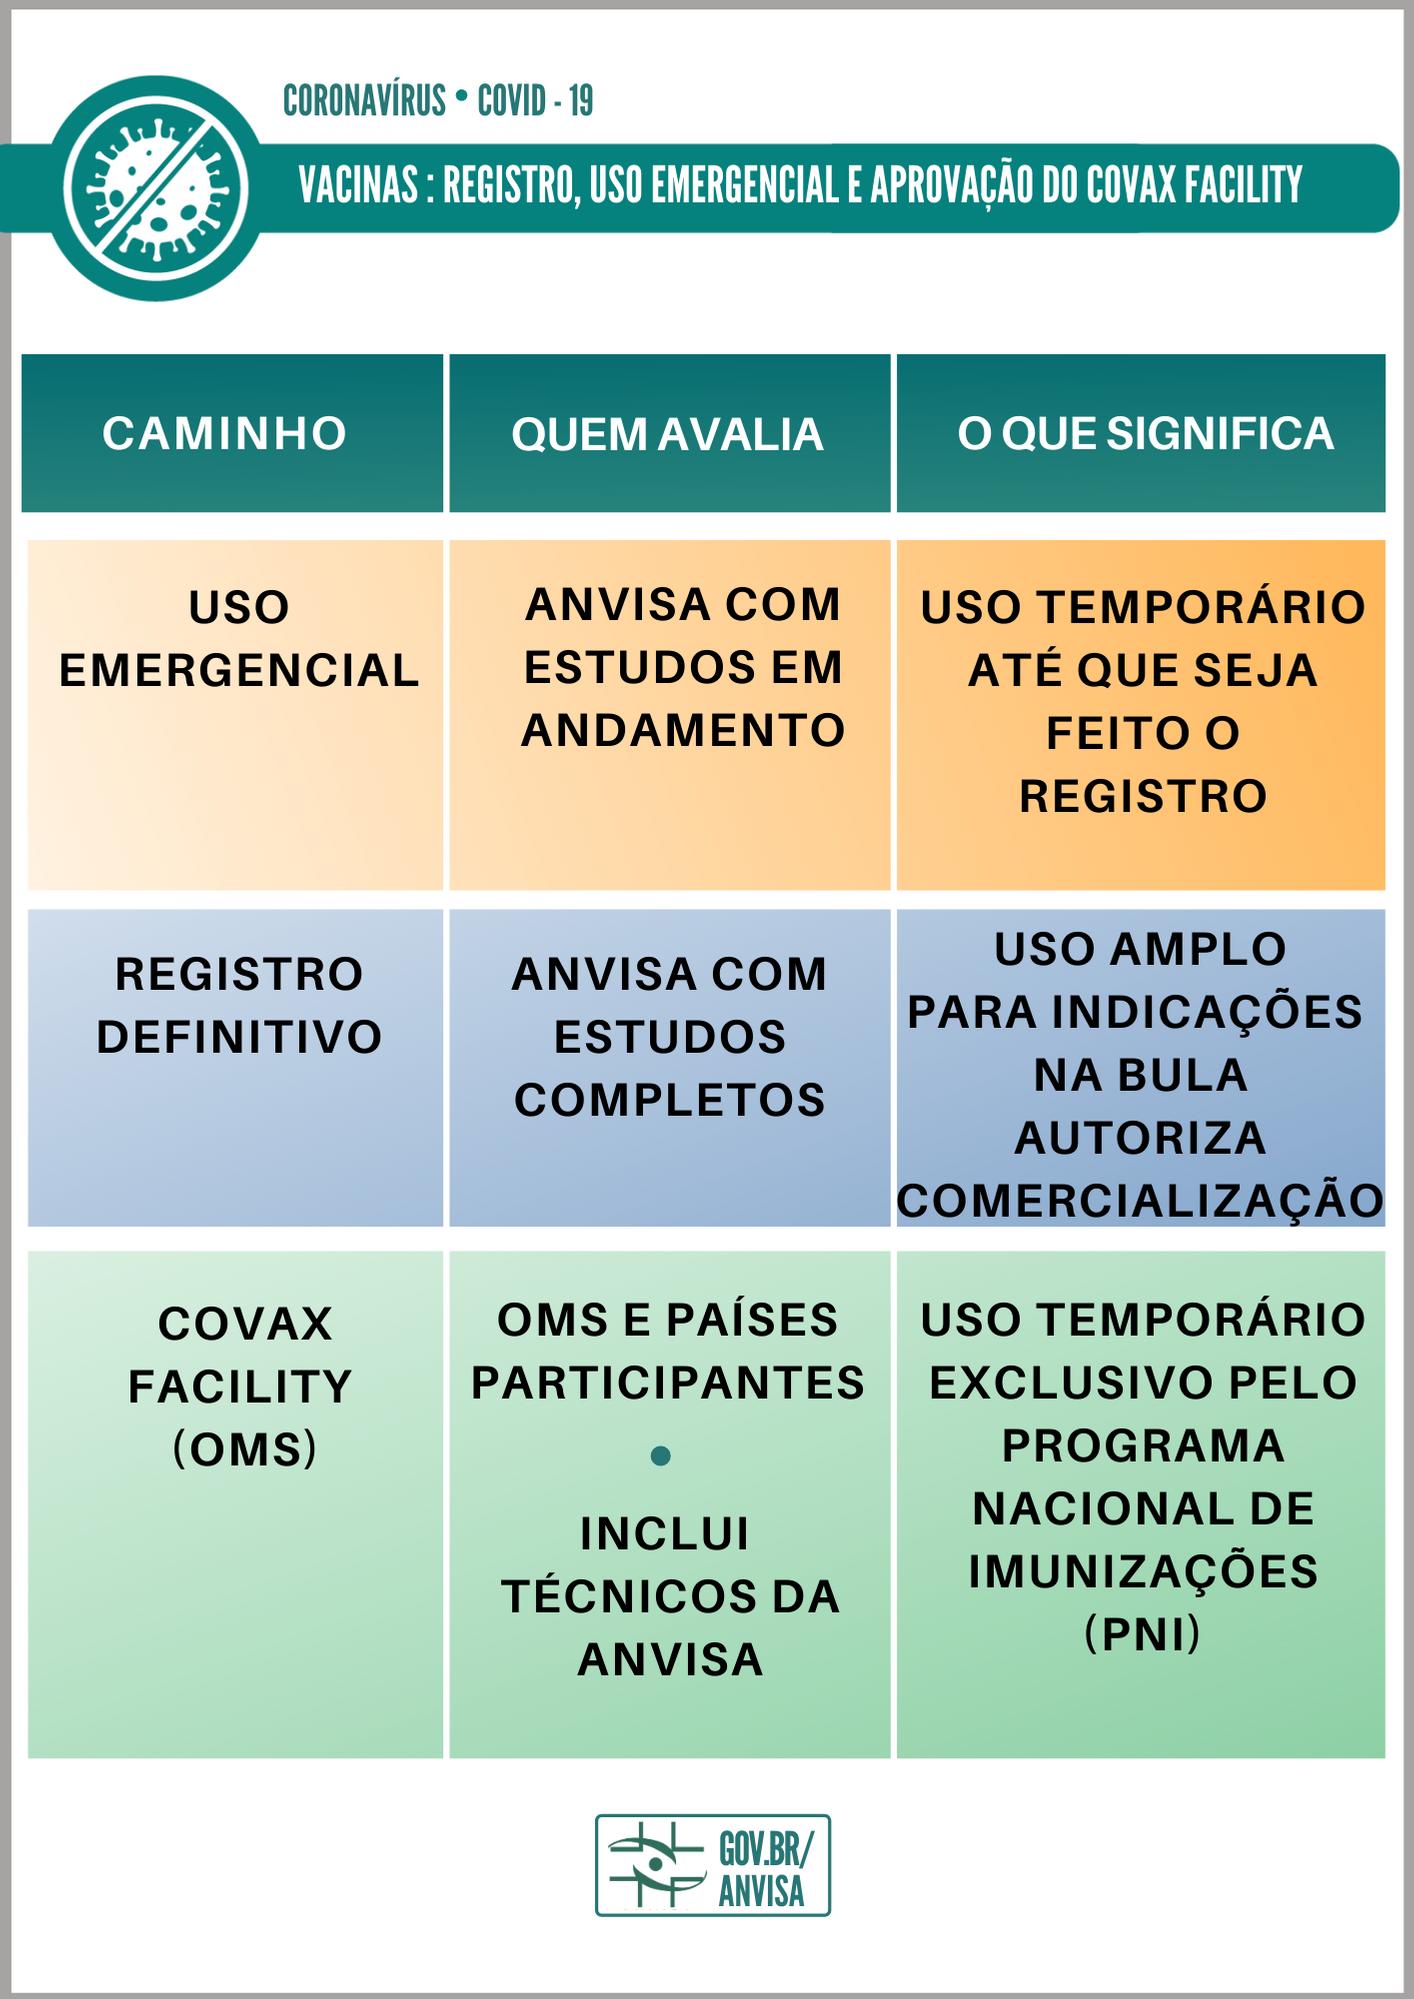 Comparação uso emergencial, registro e Covax Facility